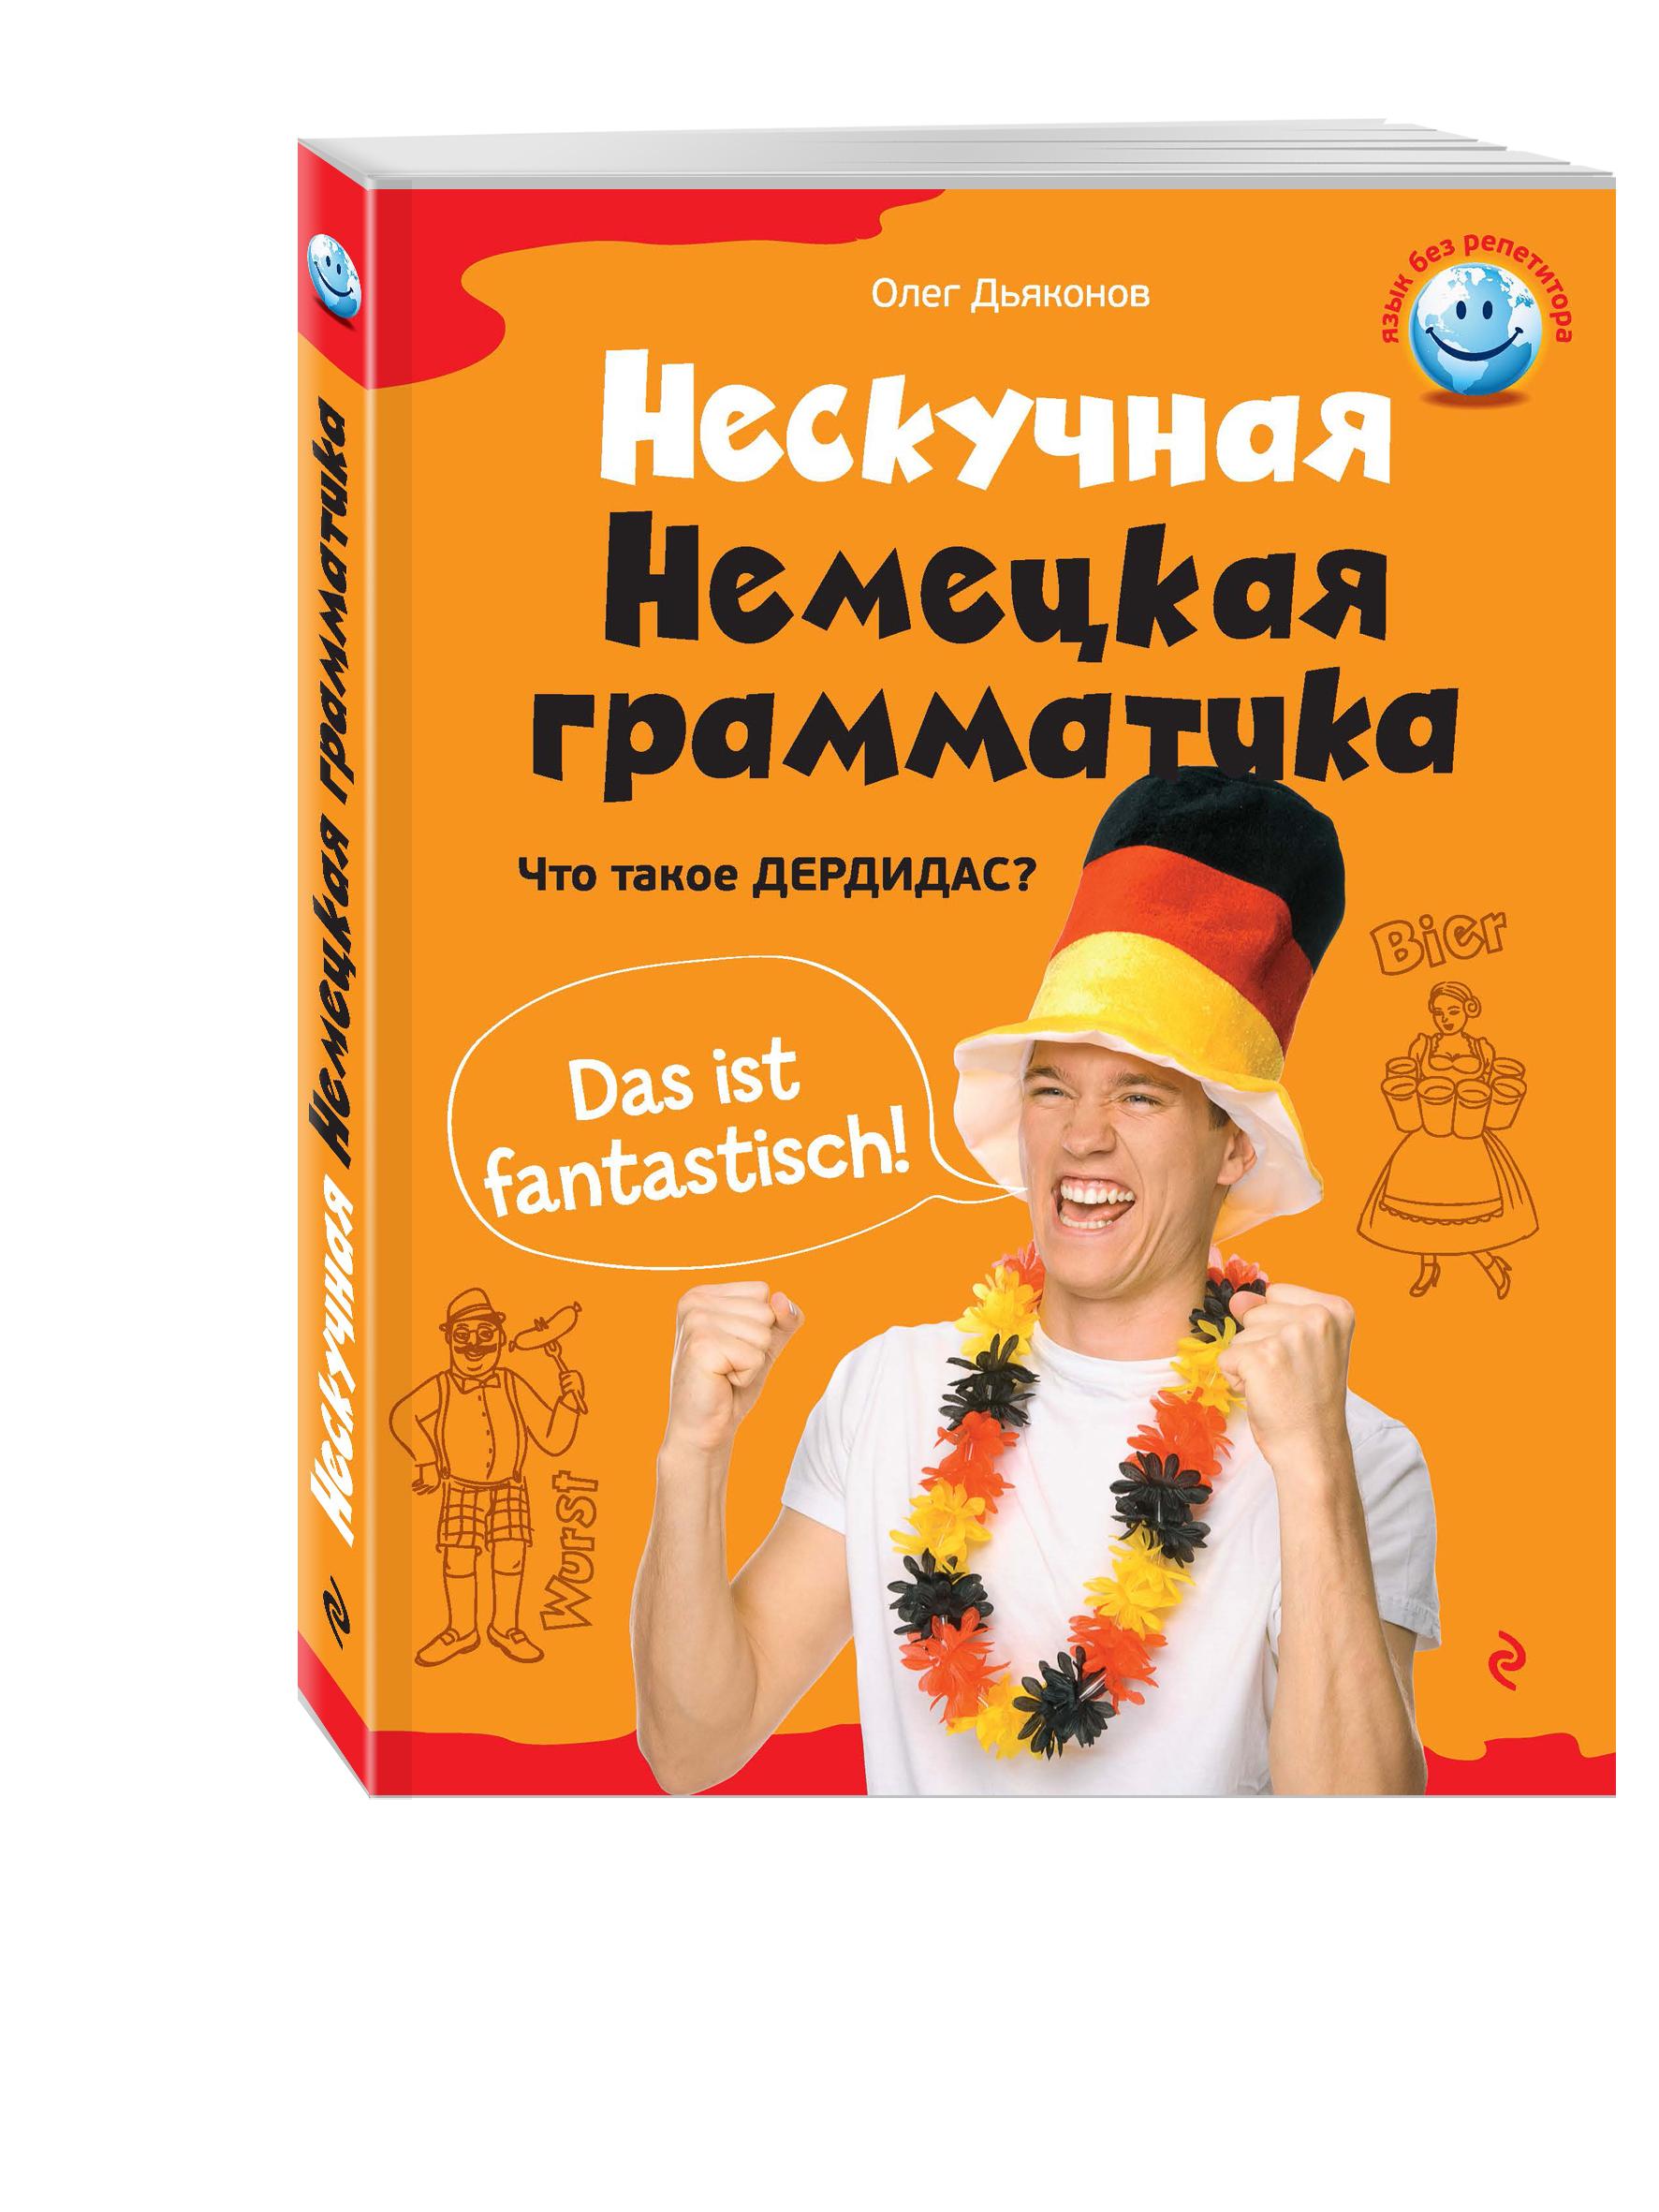 Дьяконов О.В. Нескучная немецкая грамматика. Что такое ДЕРДИДАС? немецкий язык для it студентов учебное пособие